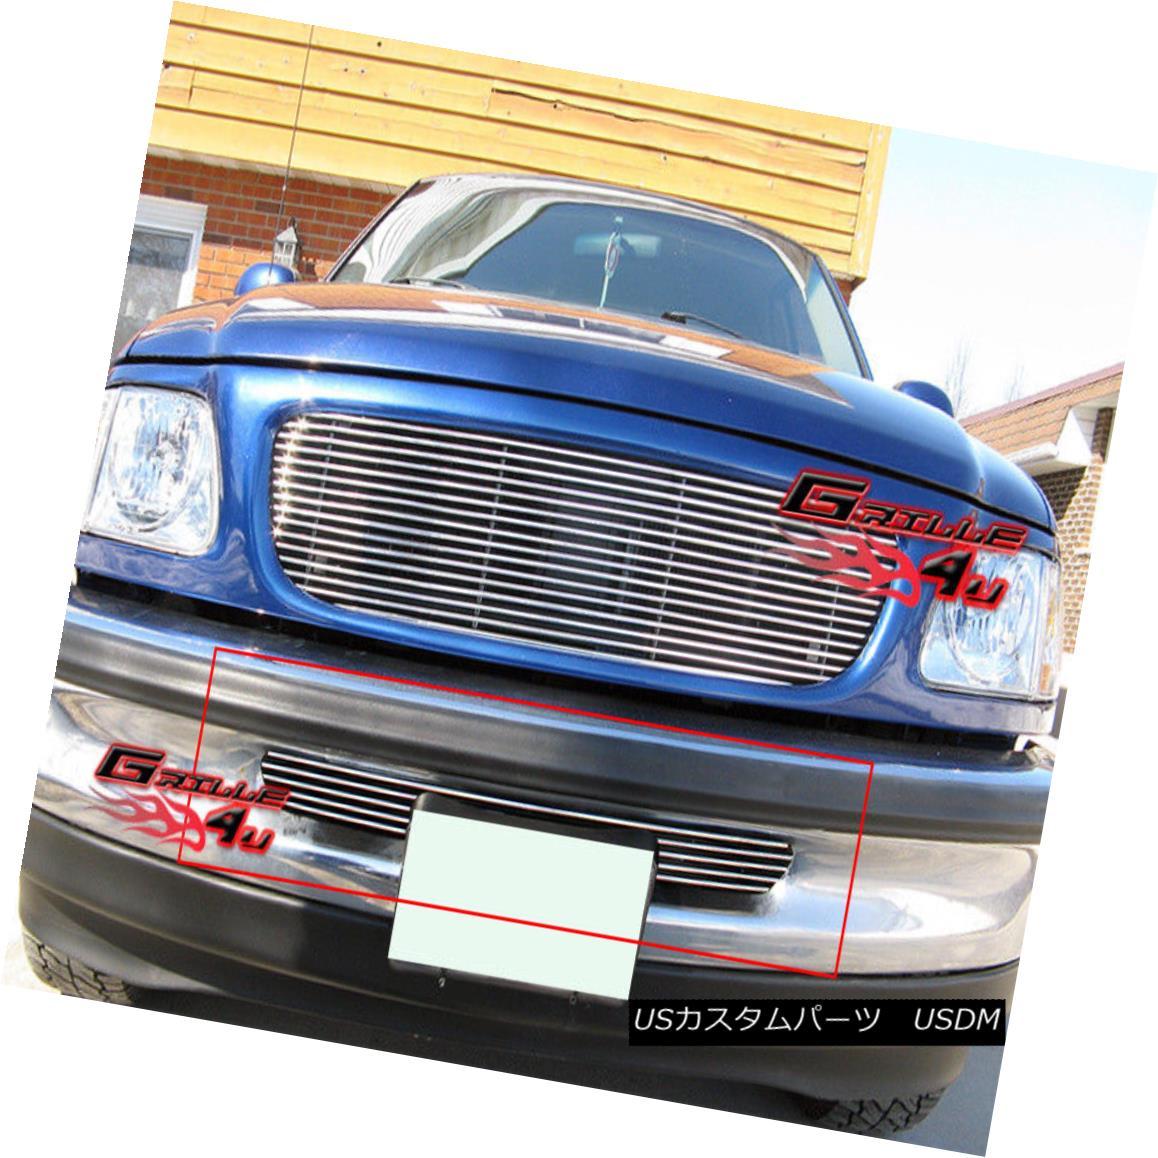 グリル Fits 97-98 Ford F-150 2WD Lower Bumper Billet Grille Insert フィット97-98 Ford F-150 2WDロワーバンパービレットグリルインサート